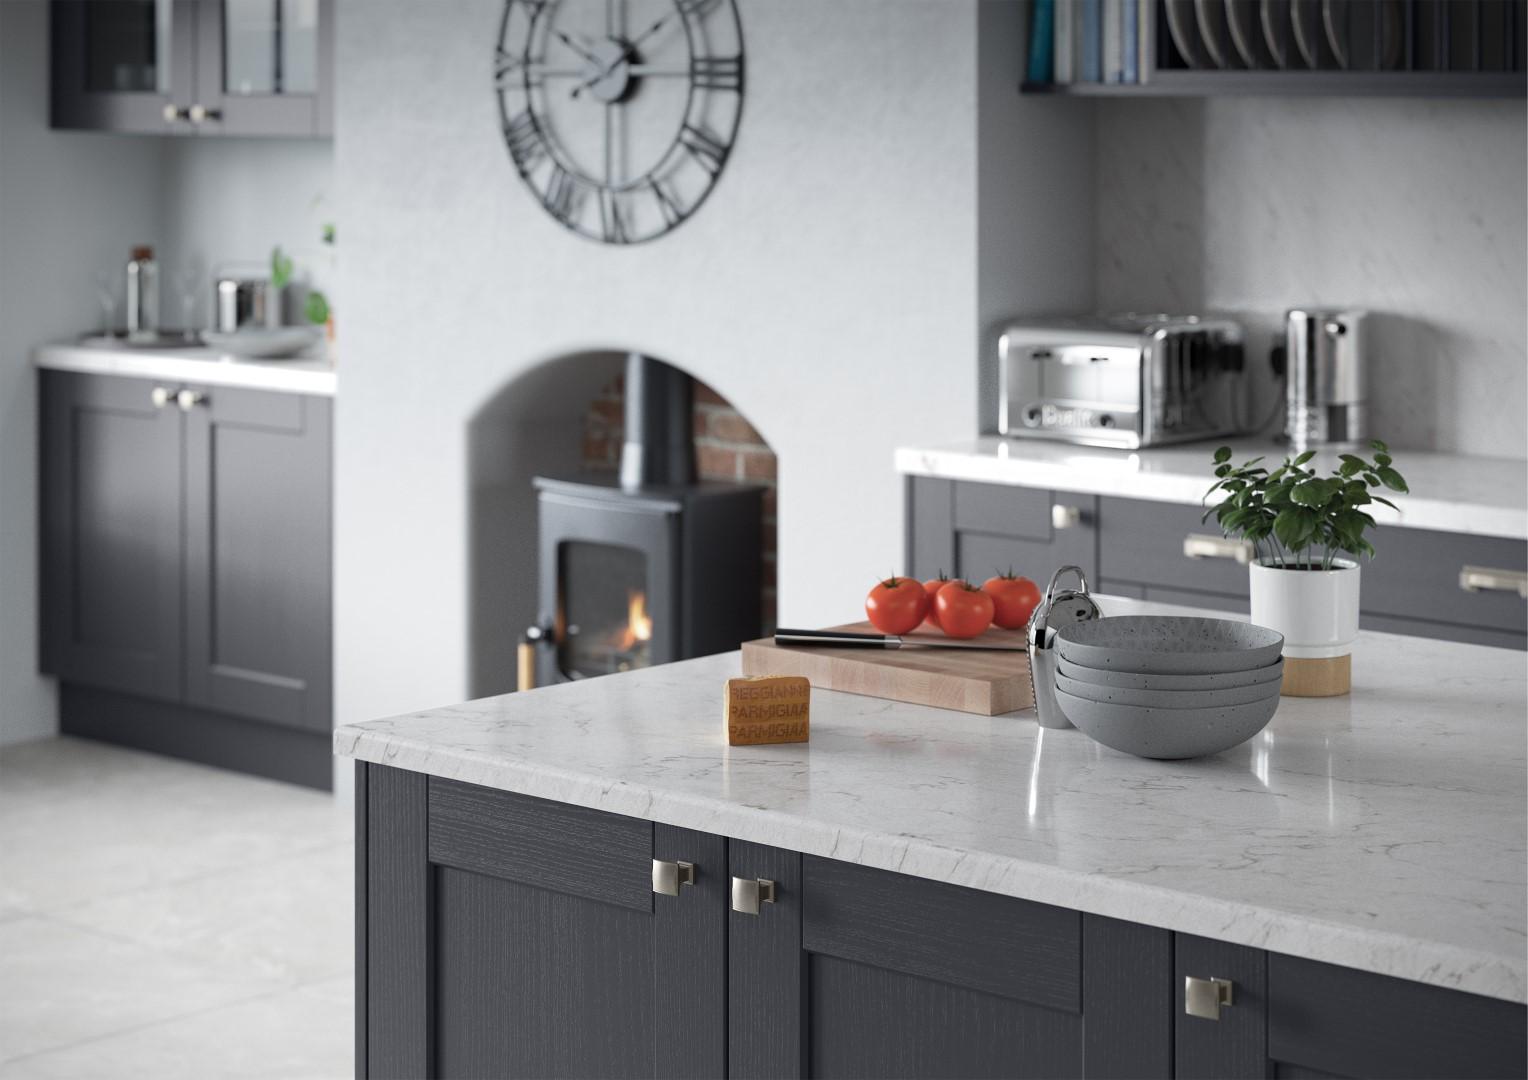 Kensington Indigo - Kitchen Design - Alan Kelly Kitchens - Waterford - 4